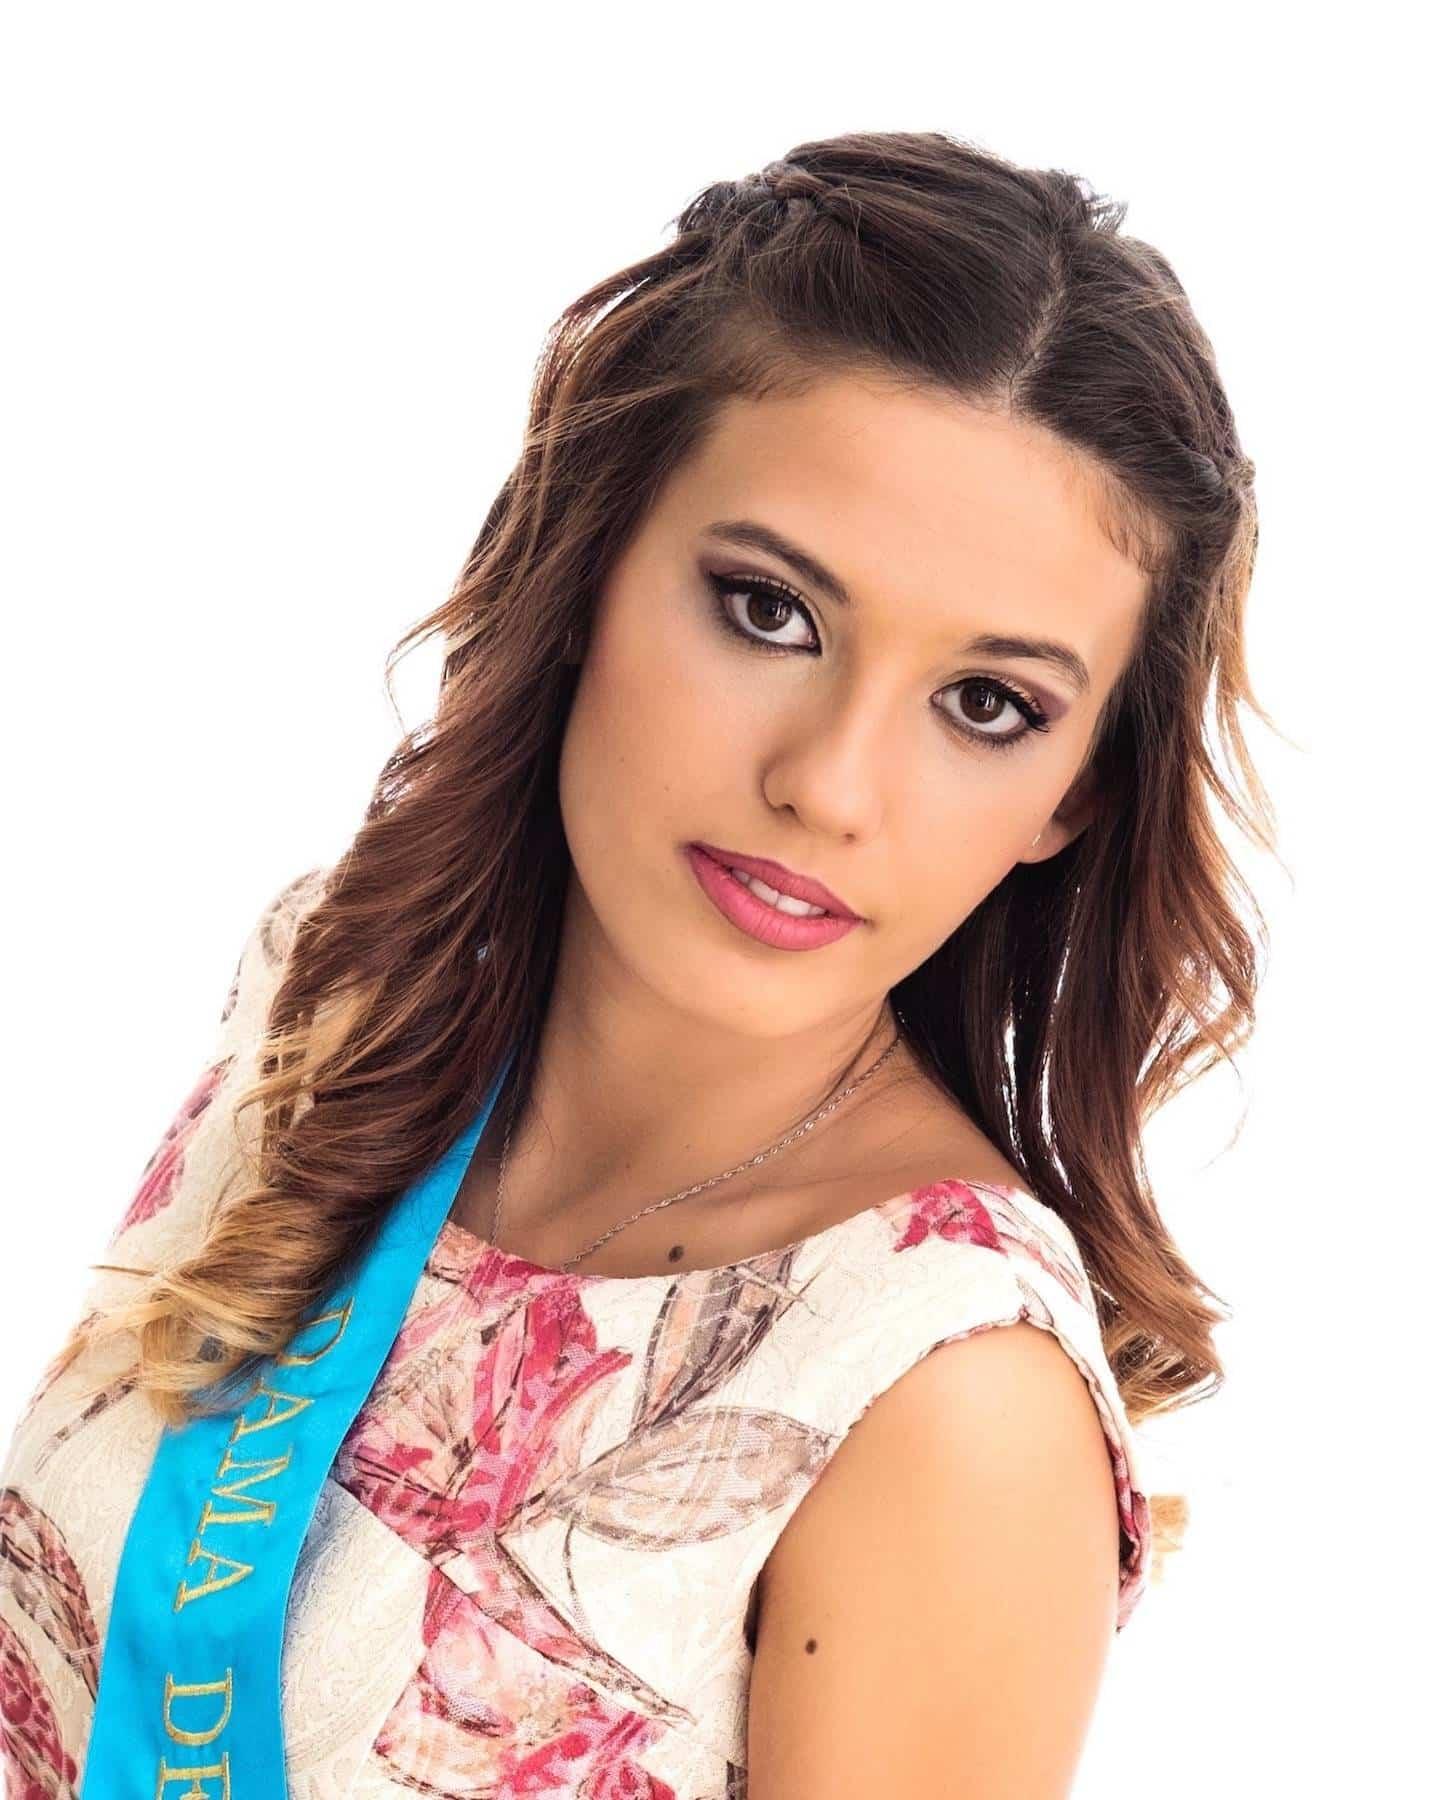 Dama Fatima Feria y Fiestas 2017 Herencia - Elegidas las Reina y Damas para las fiestas de la Merced 2017